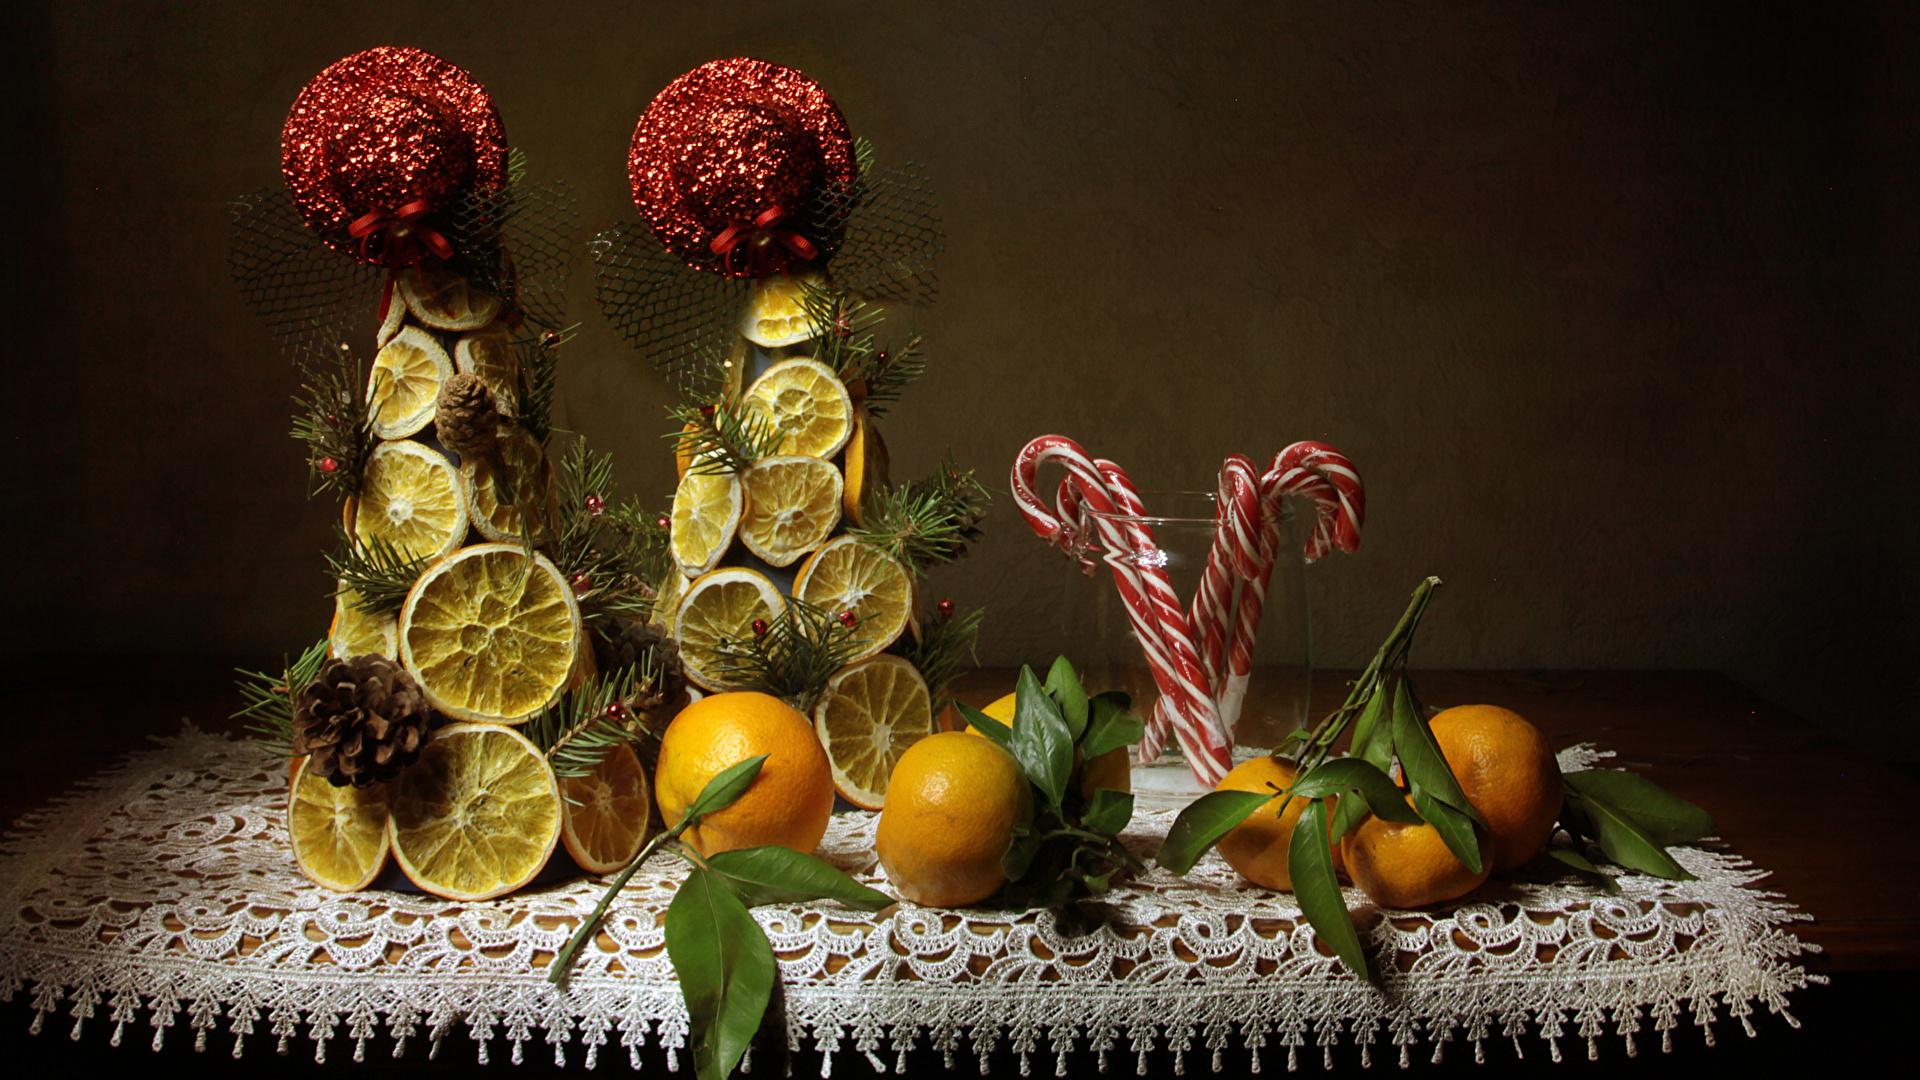 Картинка Мандарины Лимоны Еда Сладости Дизайн 1920x1080 Пища Продукты питания